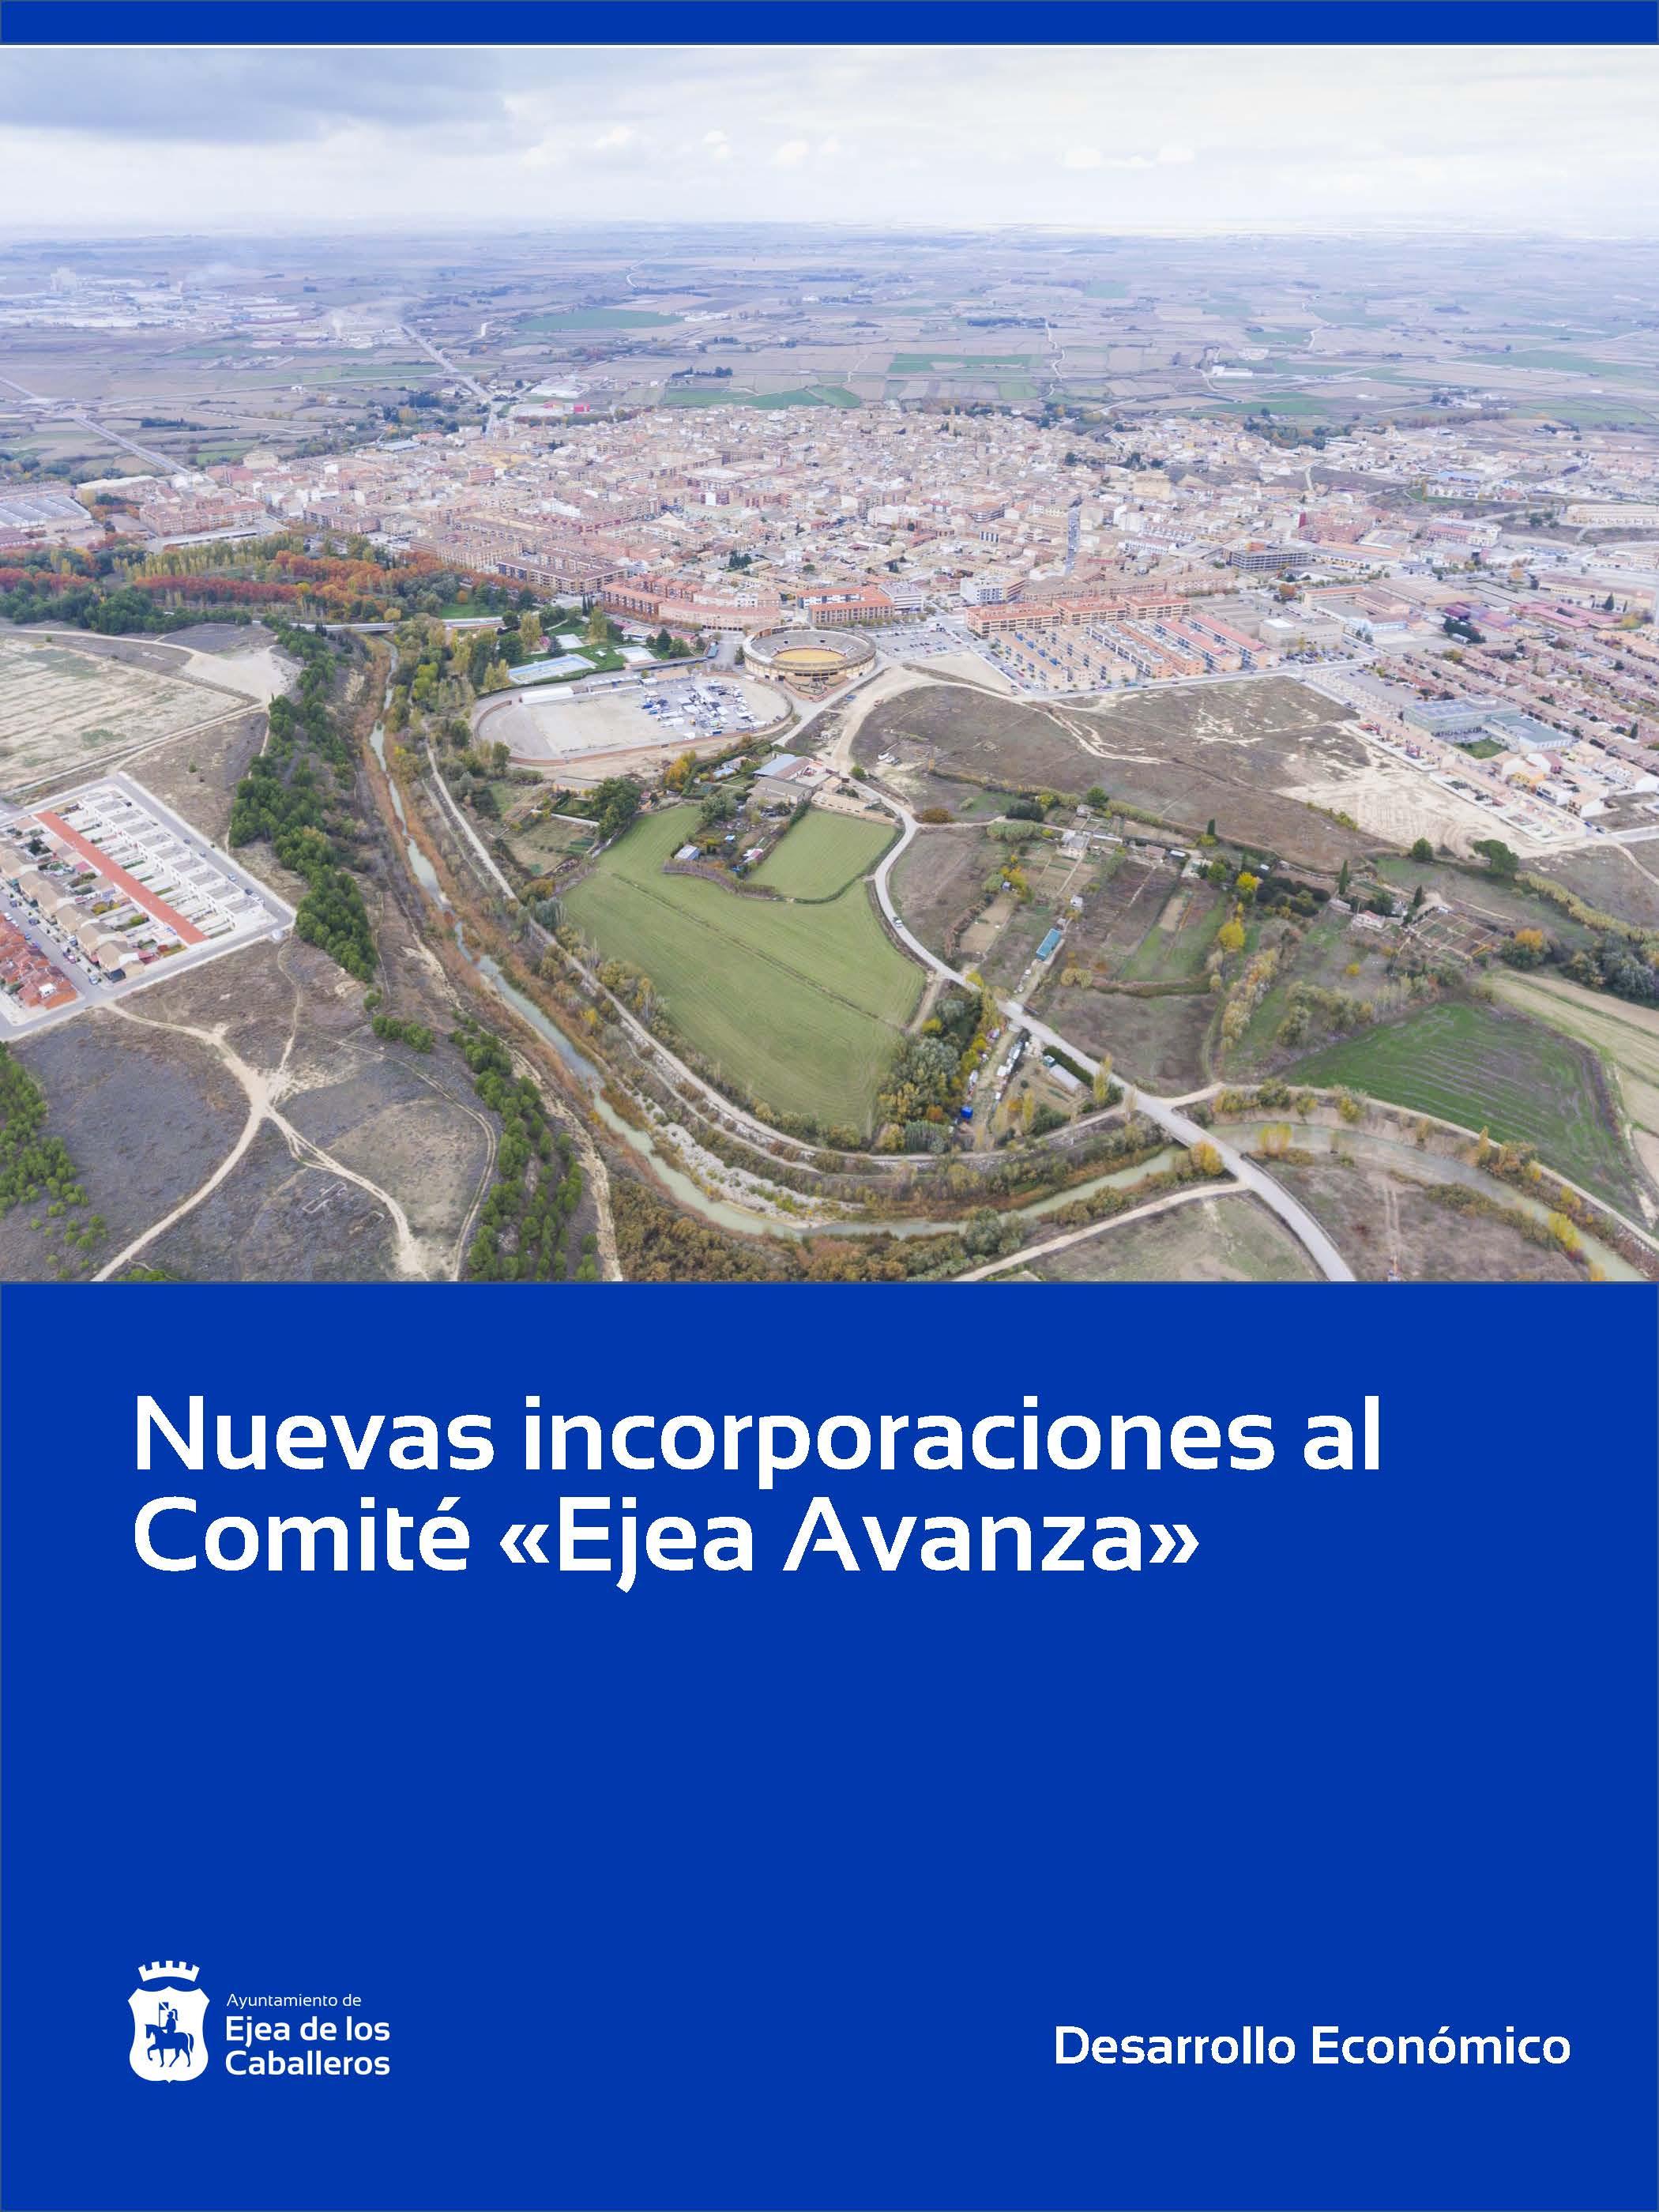 Los ejeanos Marcelino Cortés y Mariano Chóliz se incorporan al comité «Ejea Avanza»